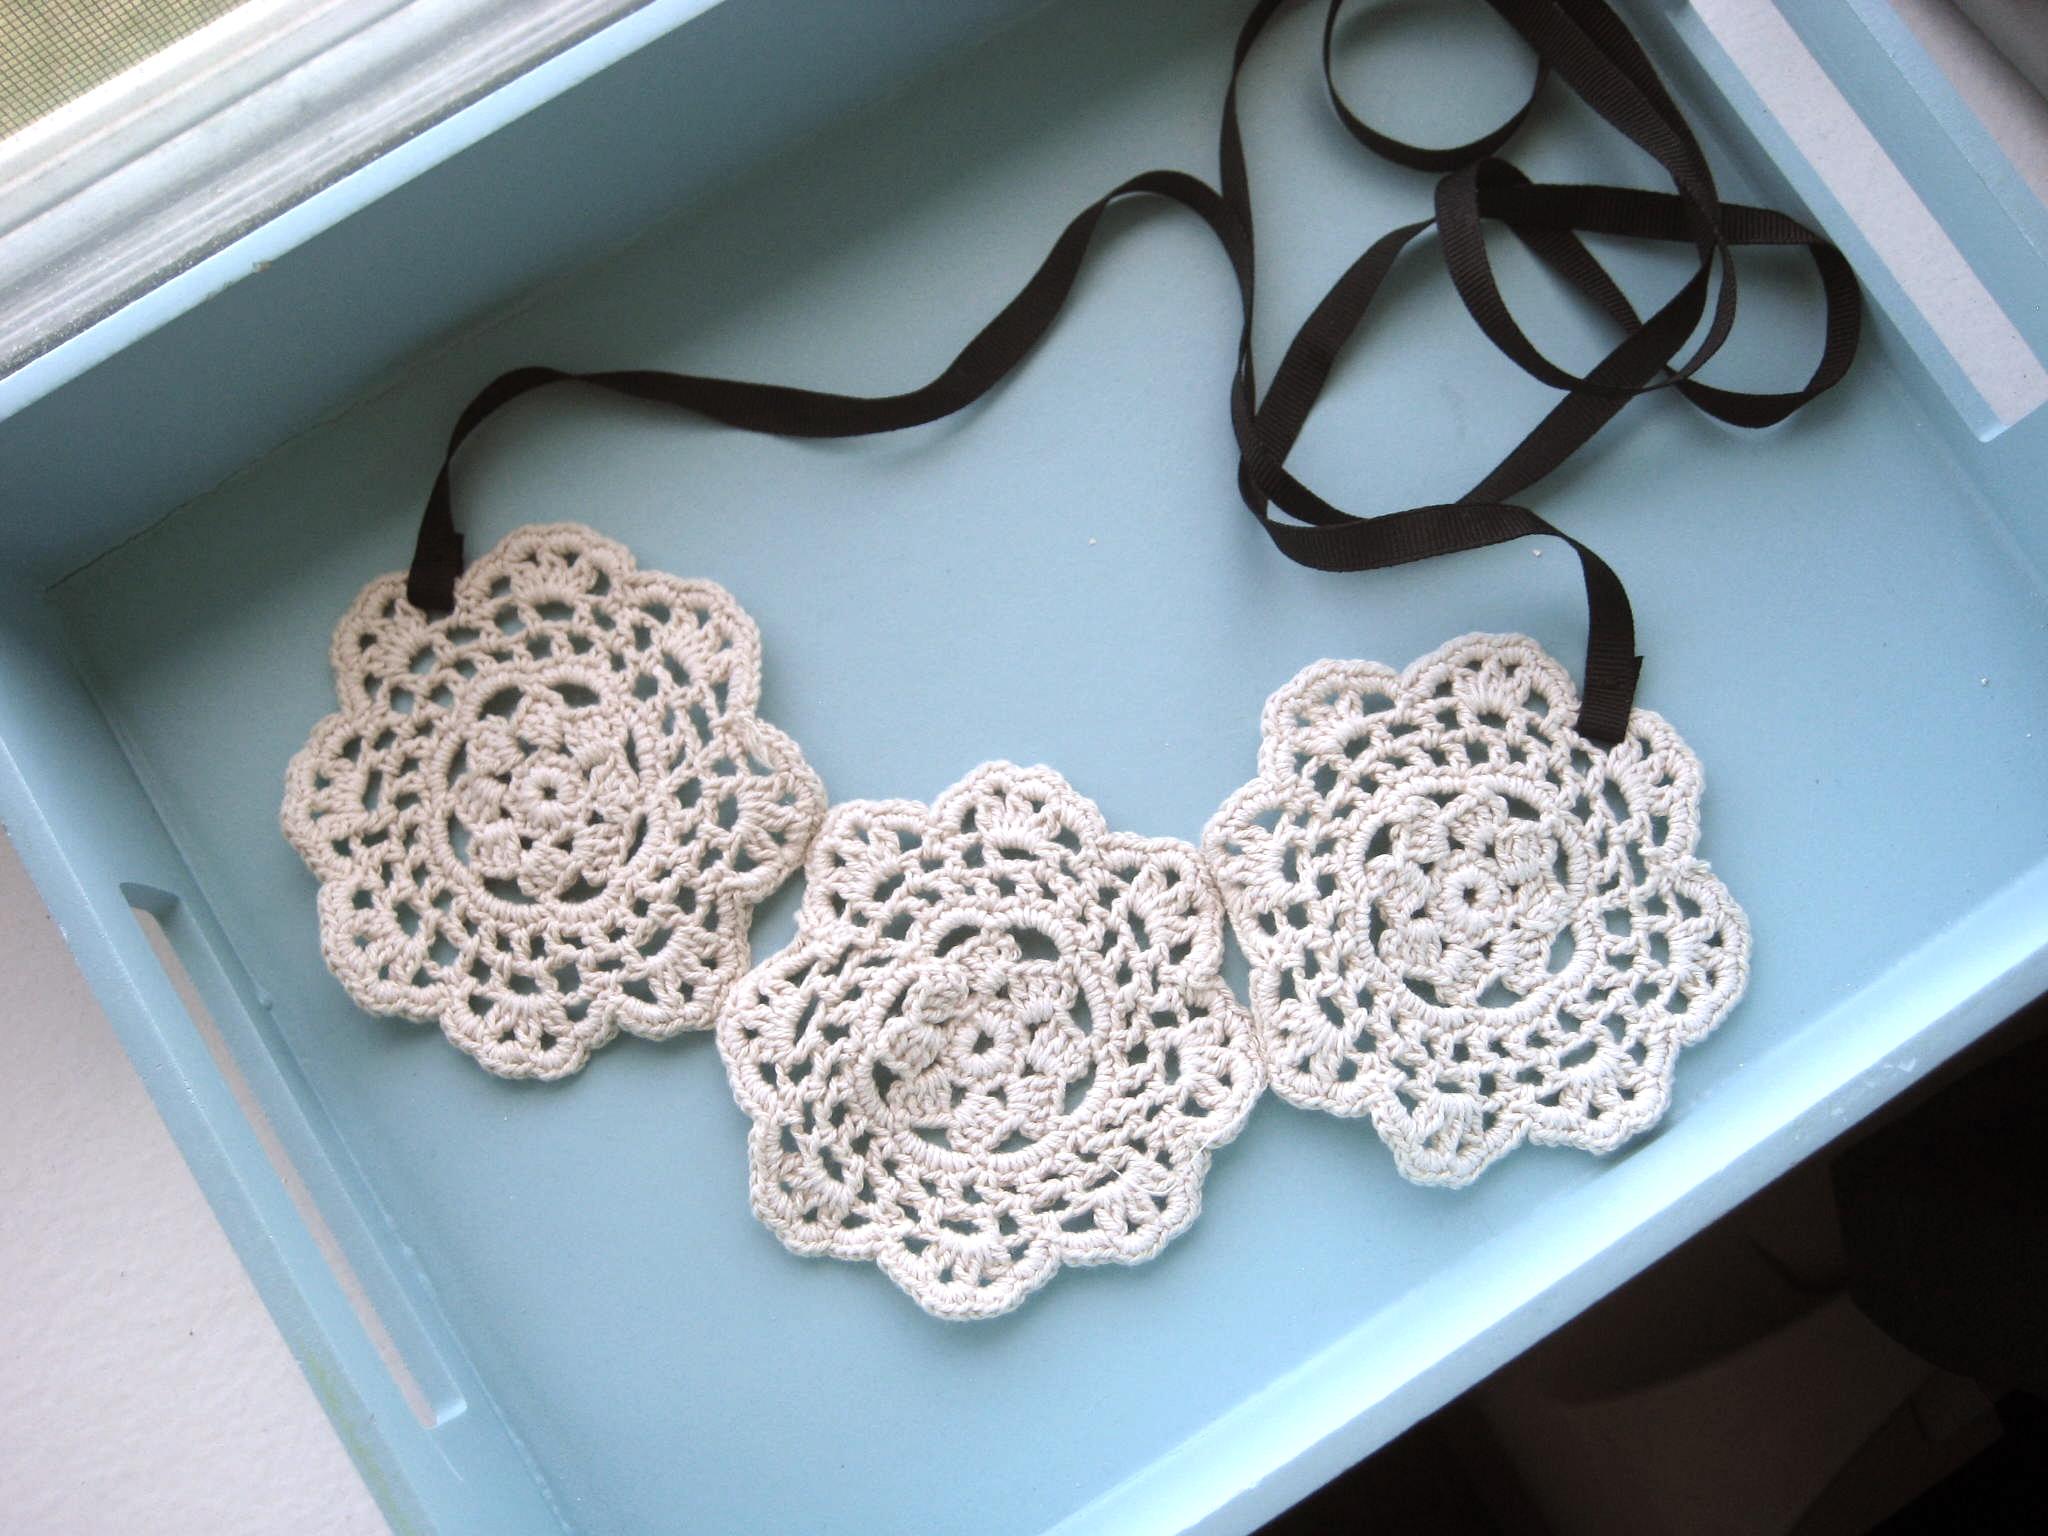 DIY Lace Necklace Tutorial